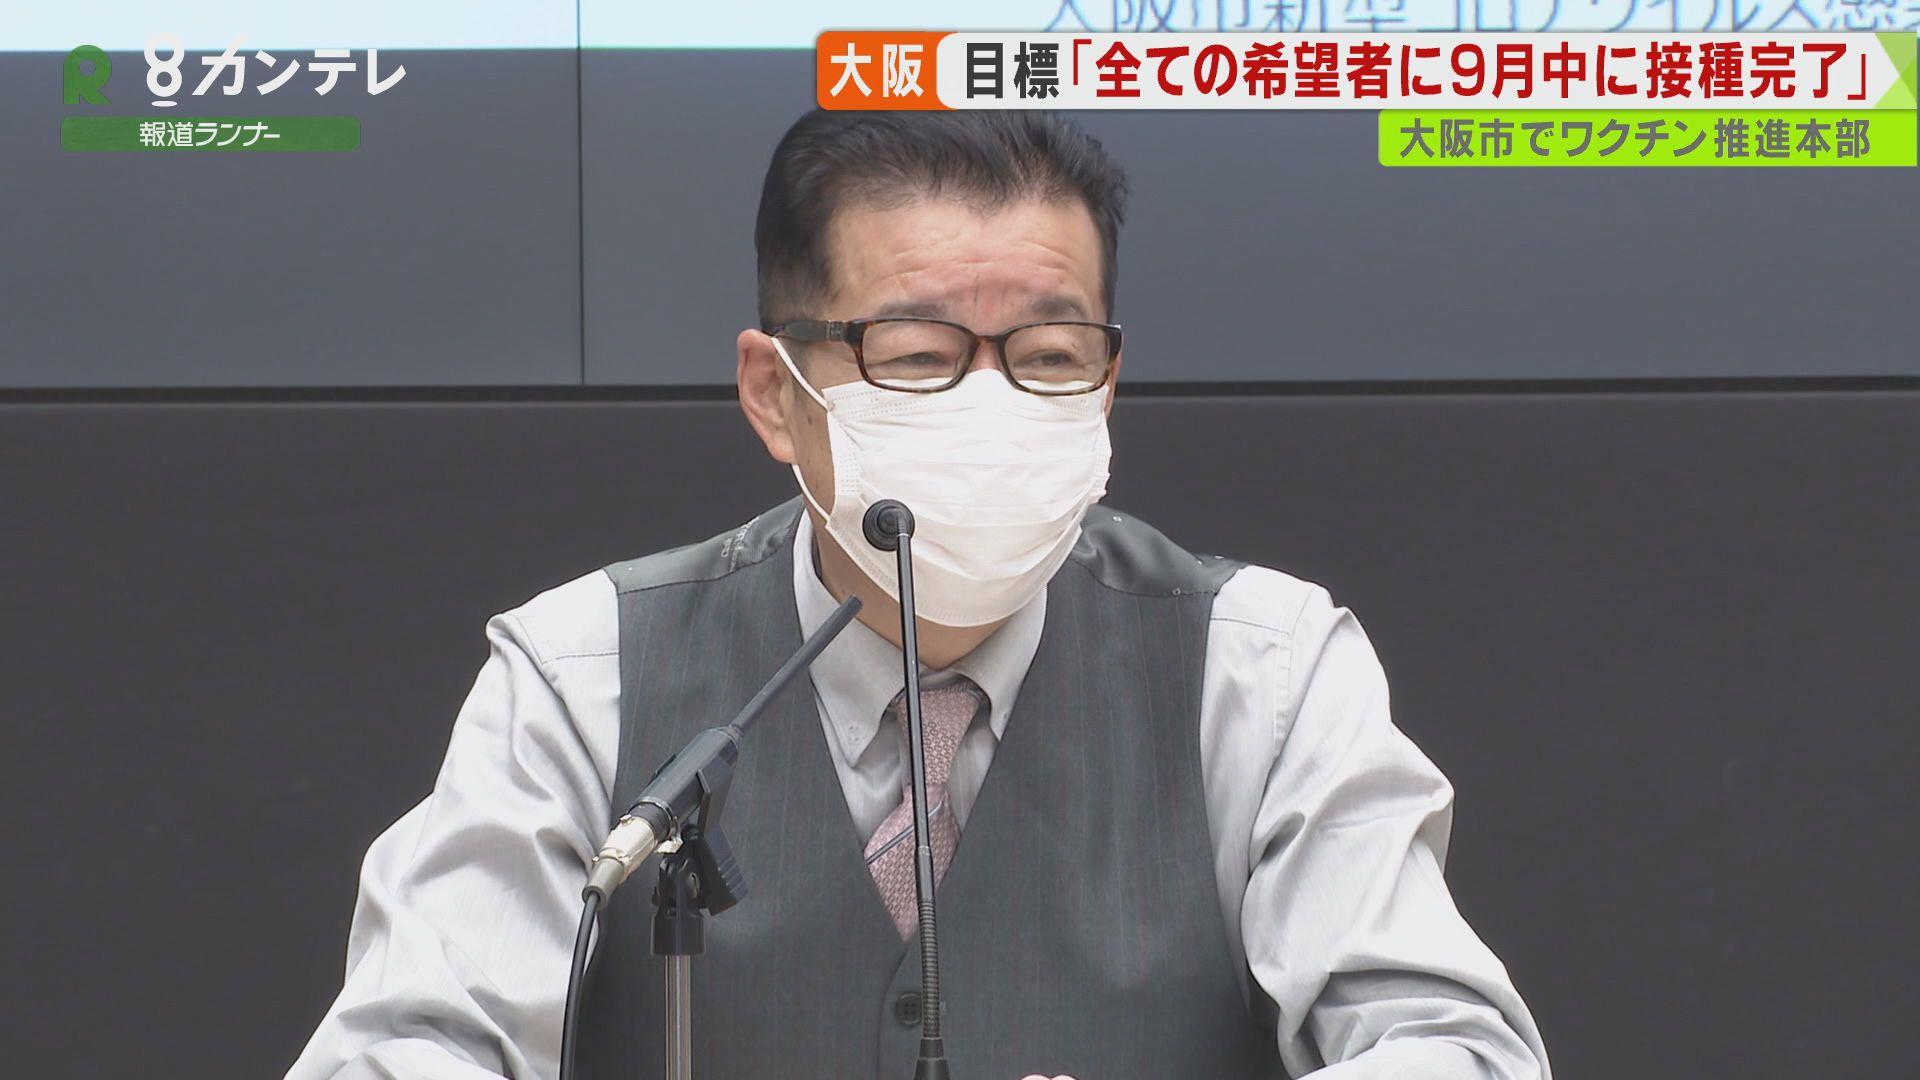 スピード感をもって接種を…大阪市「ワクチン接種推進本部」発足 目標は「9月中に全希望者に」